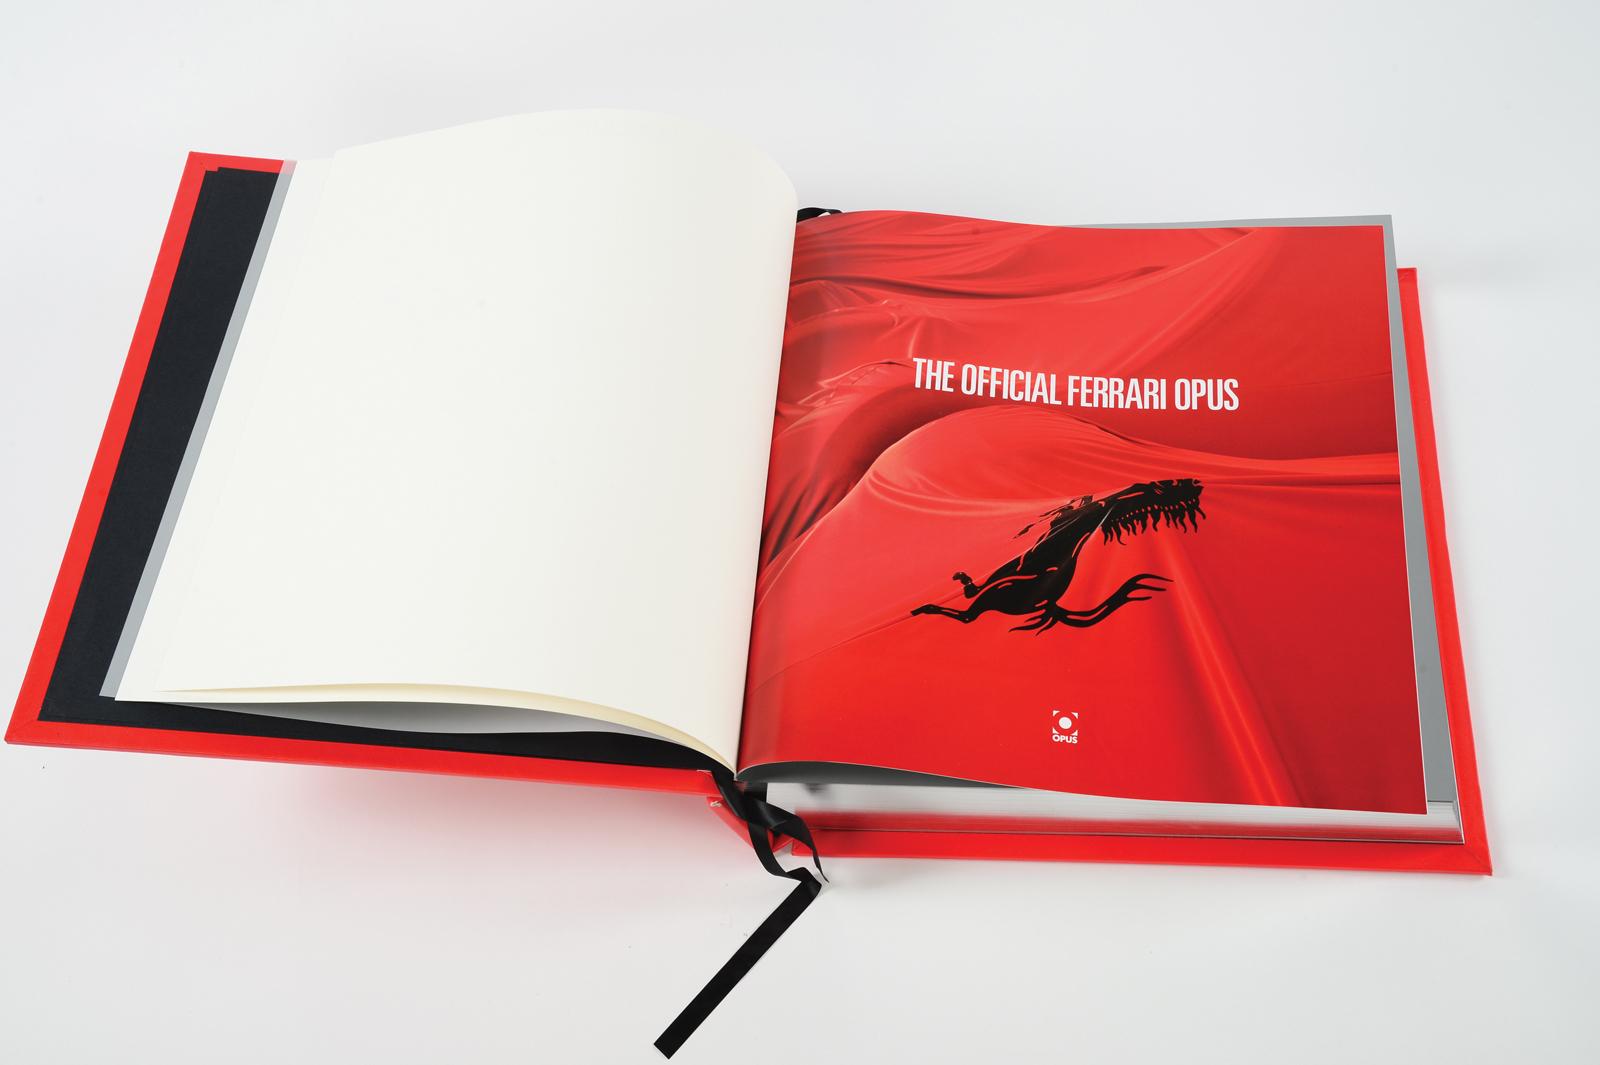 Ferrari_Opus_Diamante_09